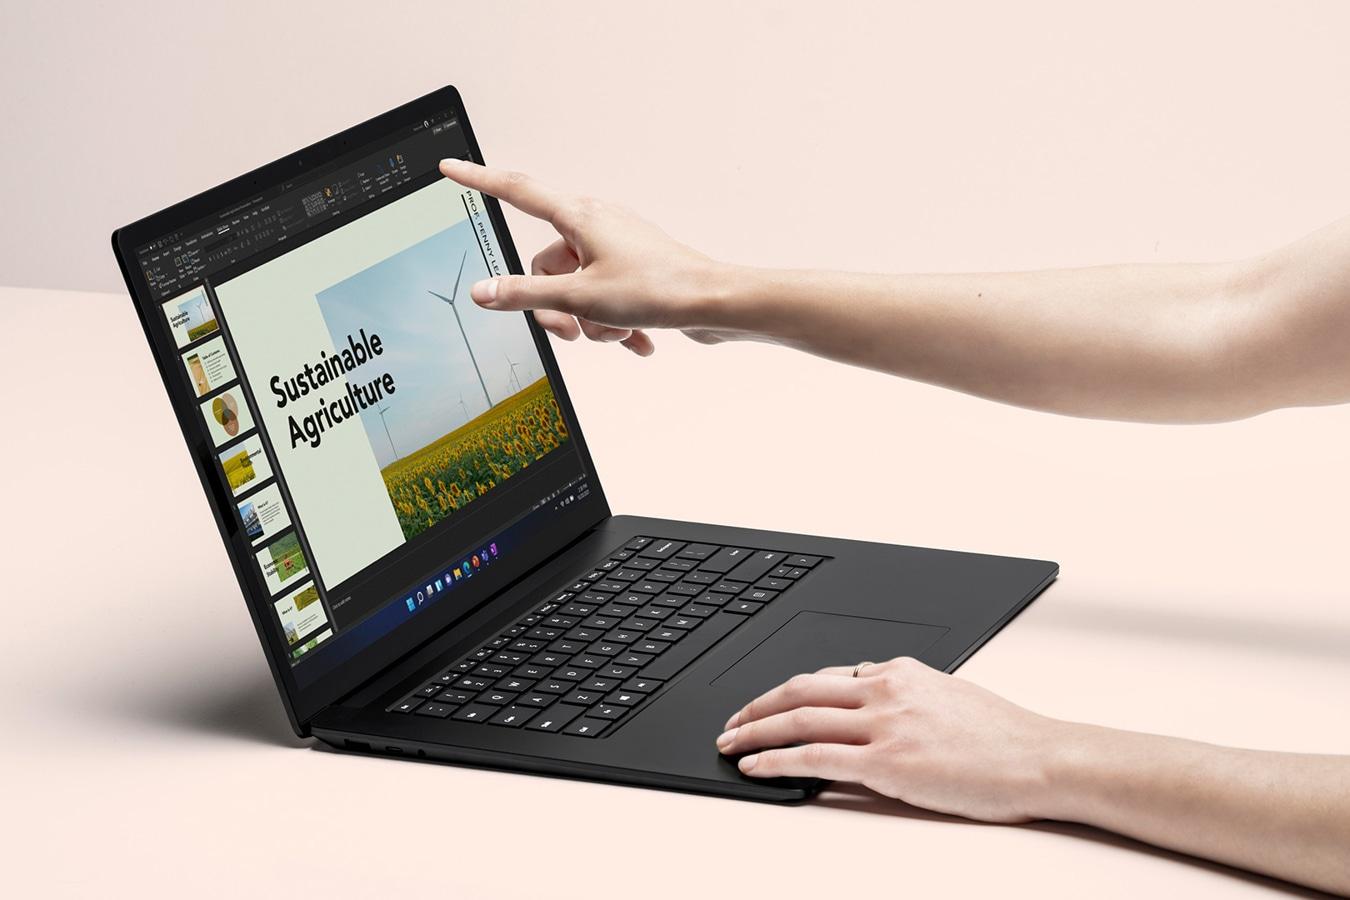 Die Hände einer Person interagieren mit dem Touchscreen eines Surface Laptop 4